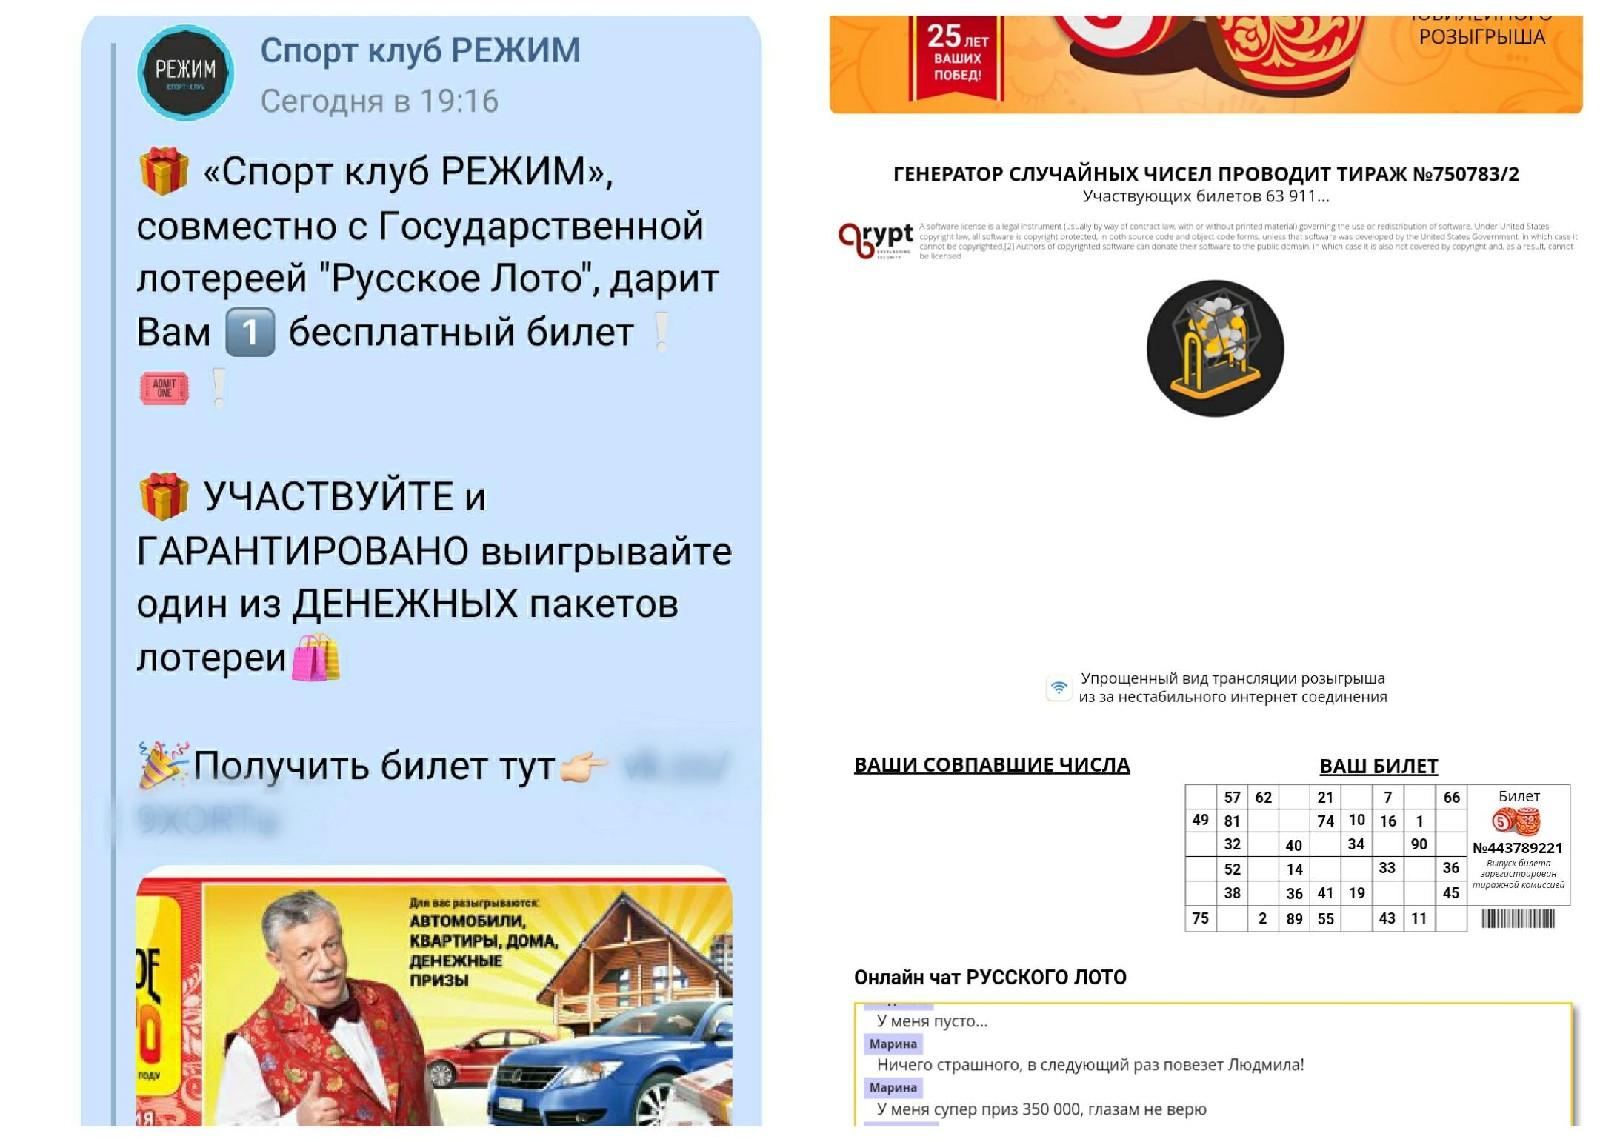 скриншот сообщений и сайта мошенников